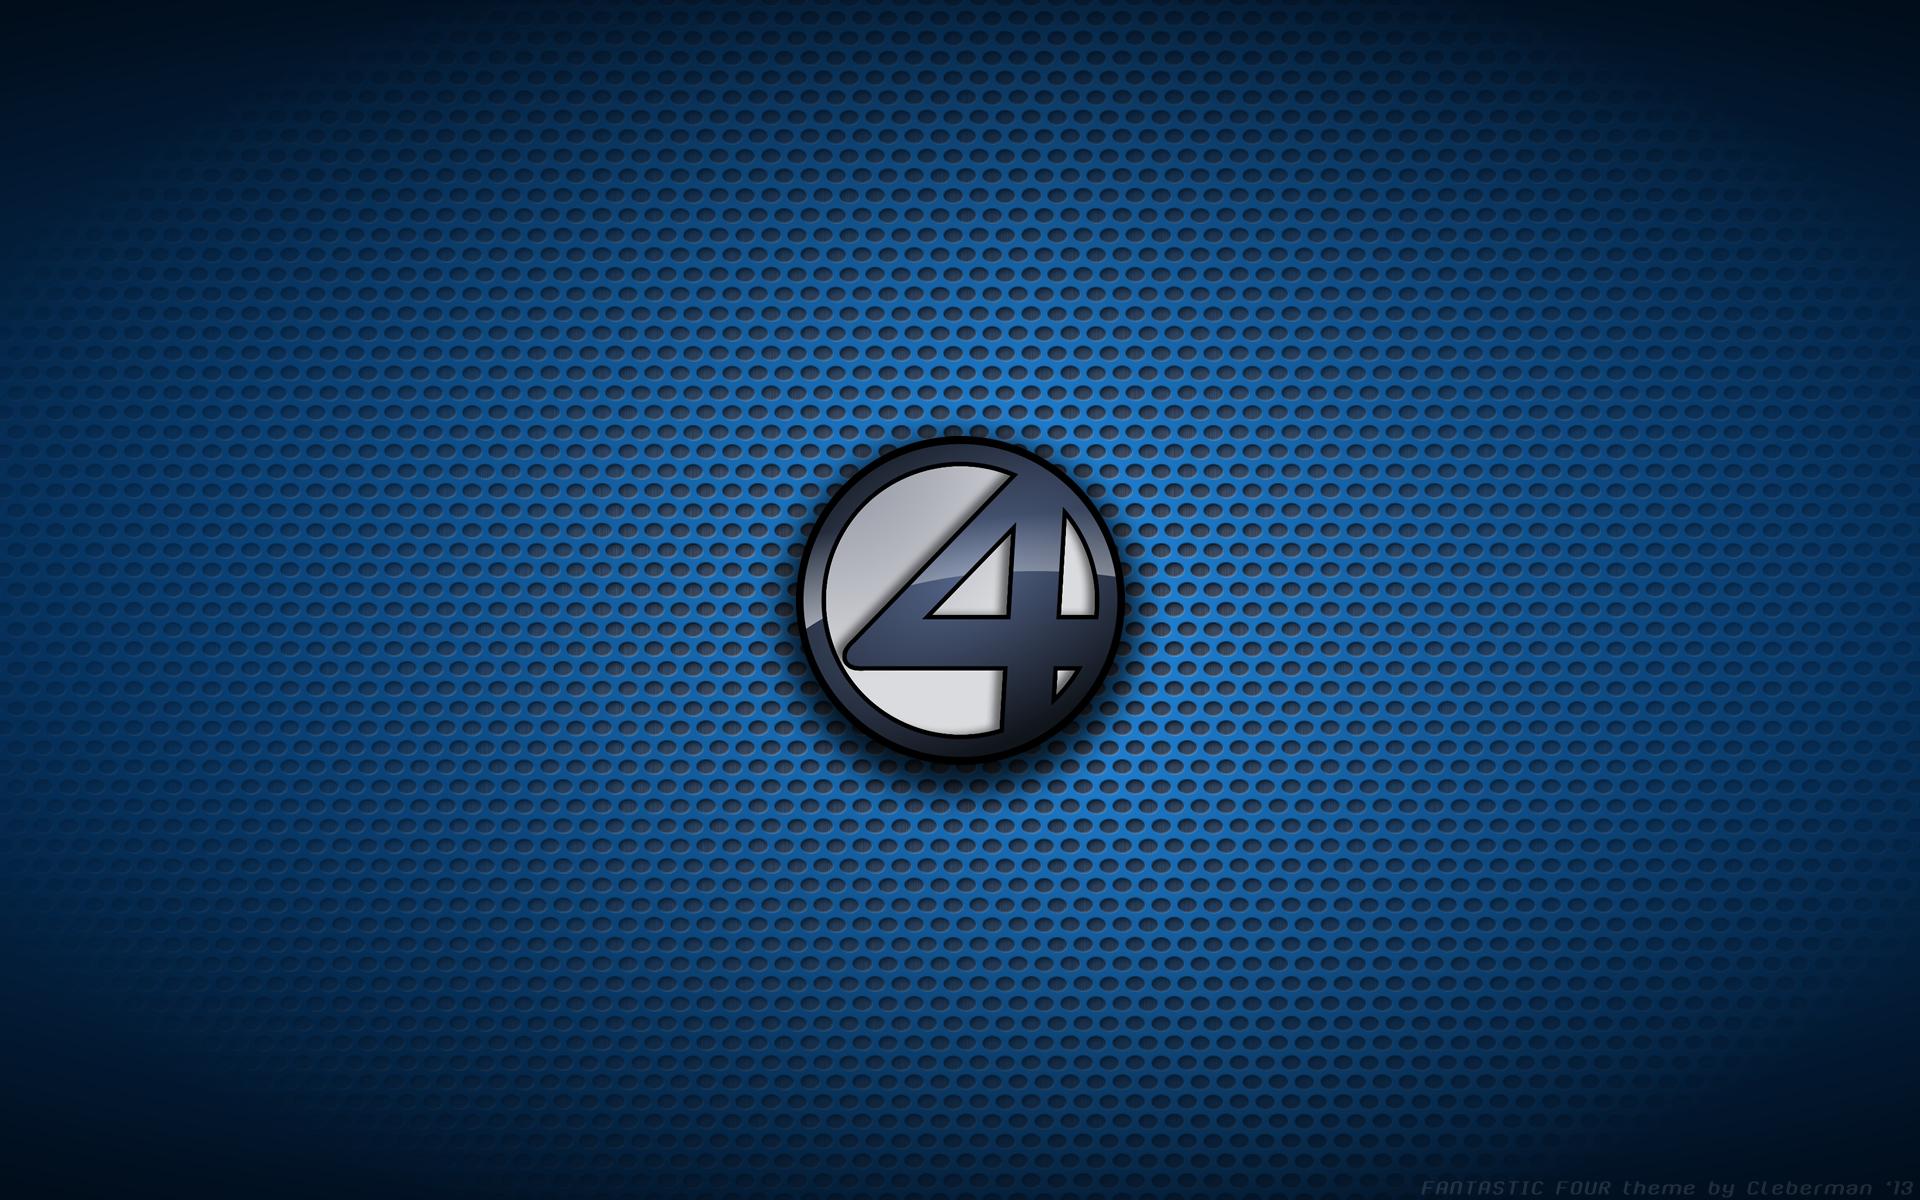 Comics Fantastic Four Logo Marvel Comics Wallpaper Fantastic Four Logo Logo Wallpaper Hd Superhero Wallpaper